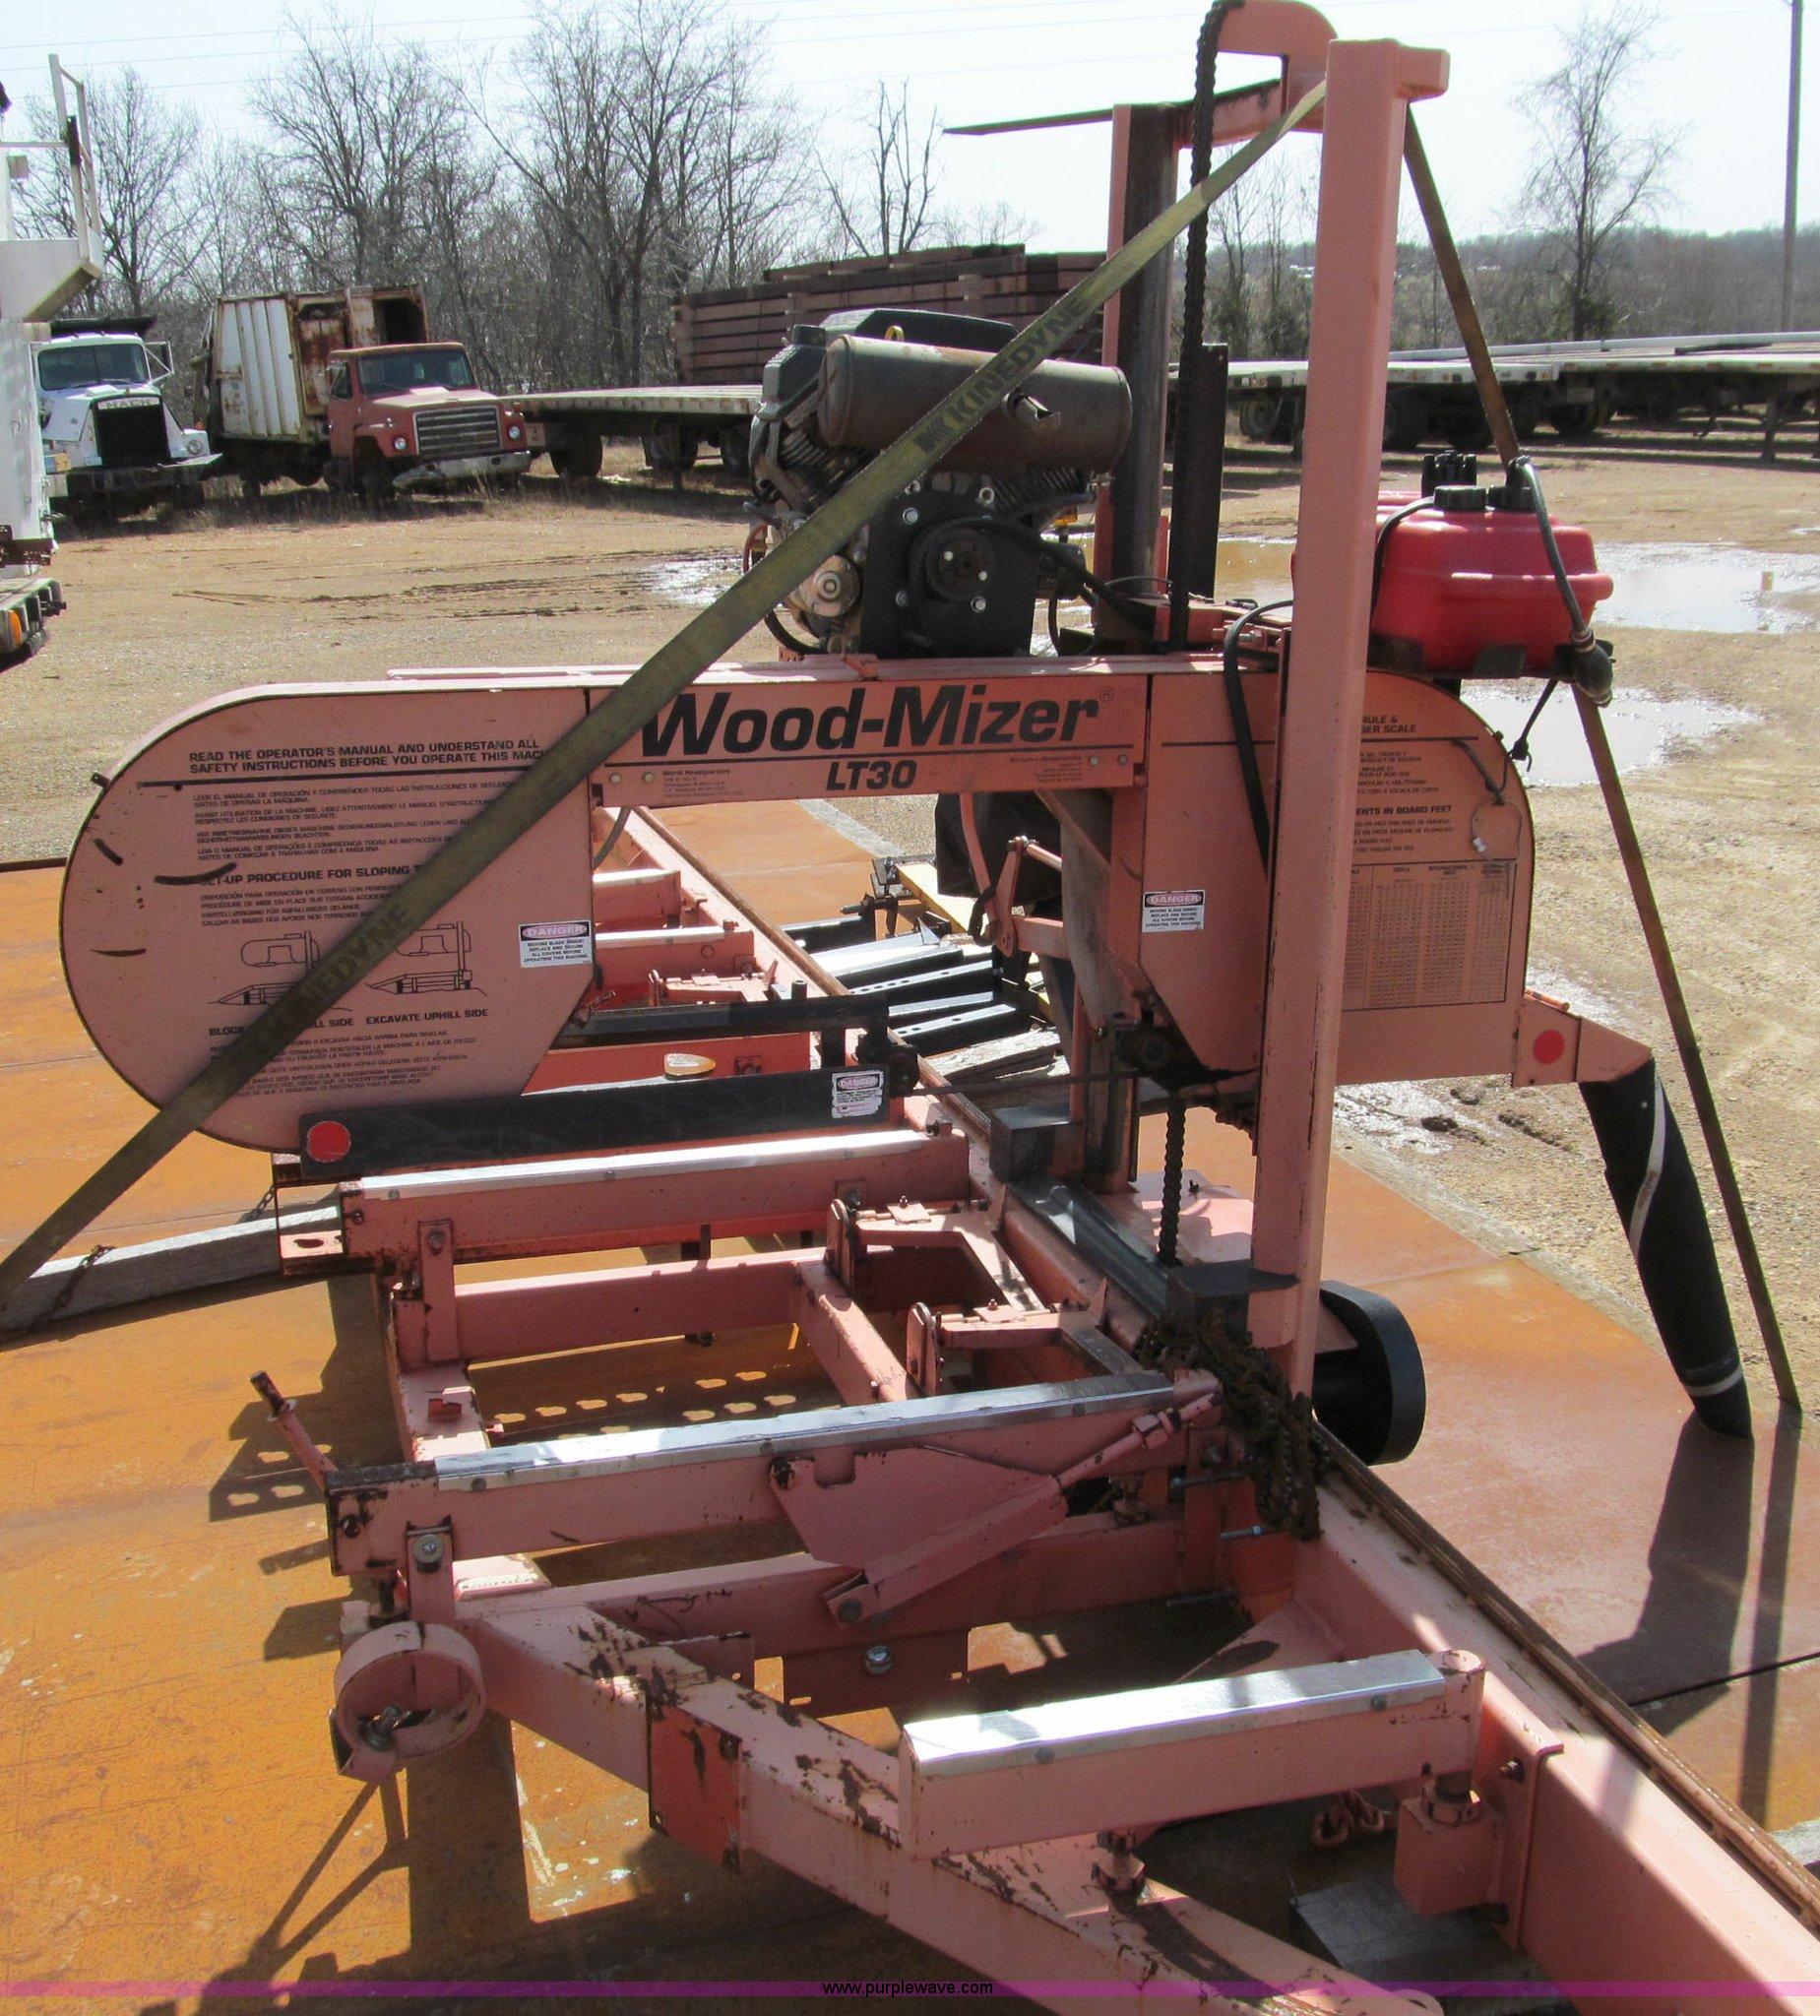 1997 wood mizer lt30 sawmill item d3080 sold april 18 m rh purplewave com Hydralic Wood -Mizer Sawmill Wood-Mizer Parts